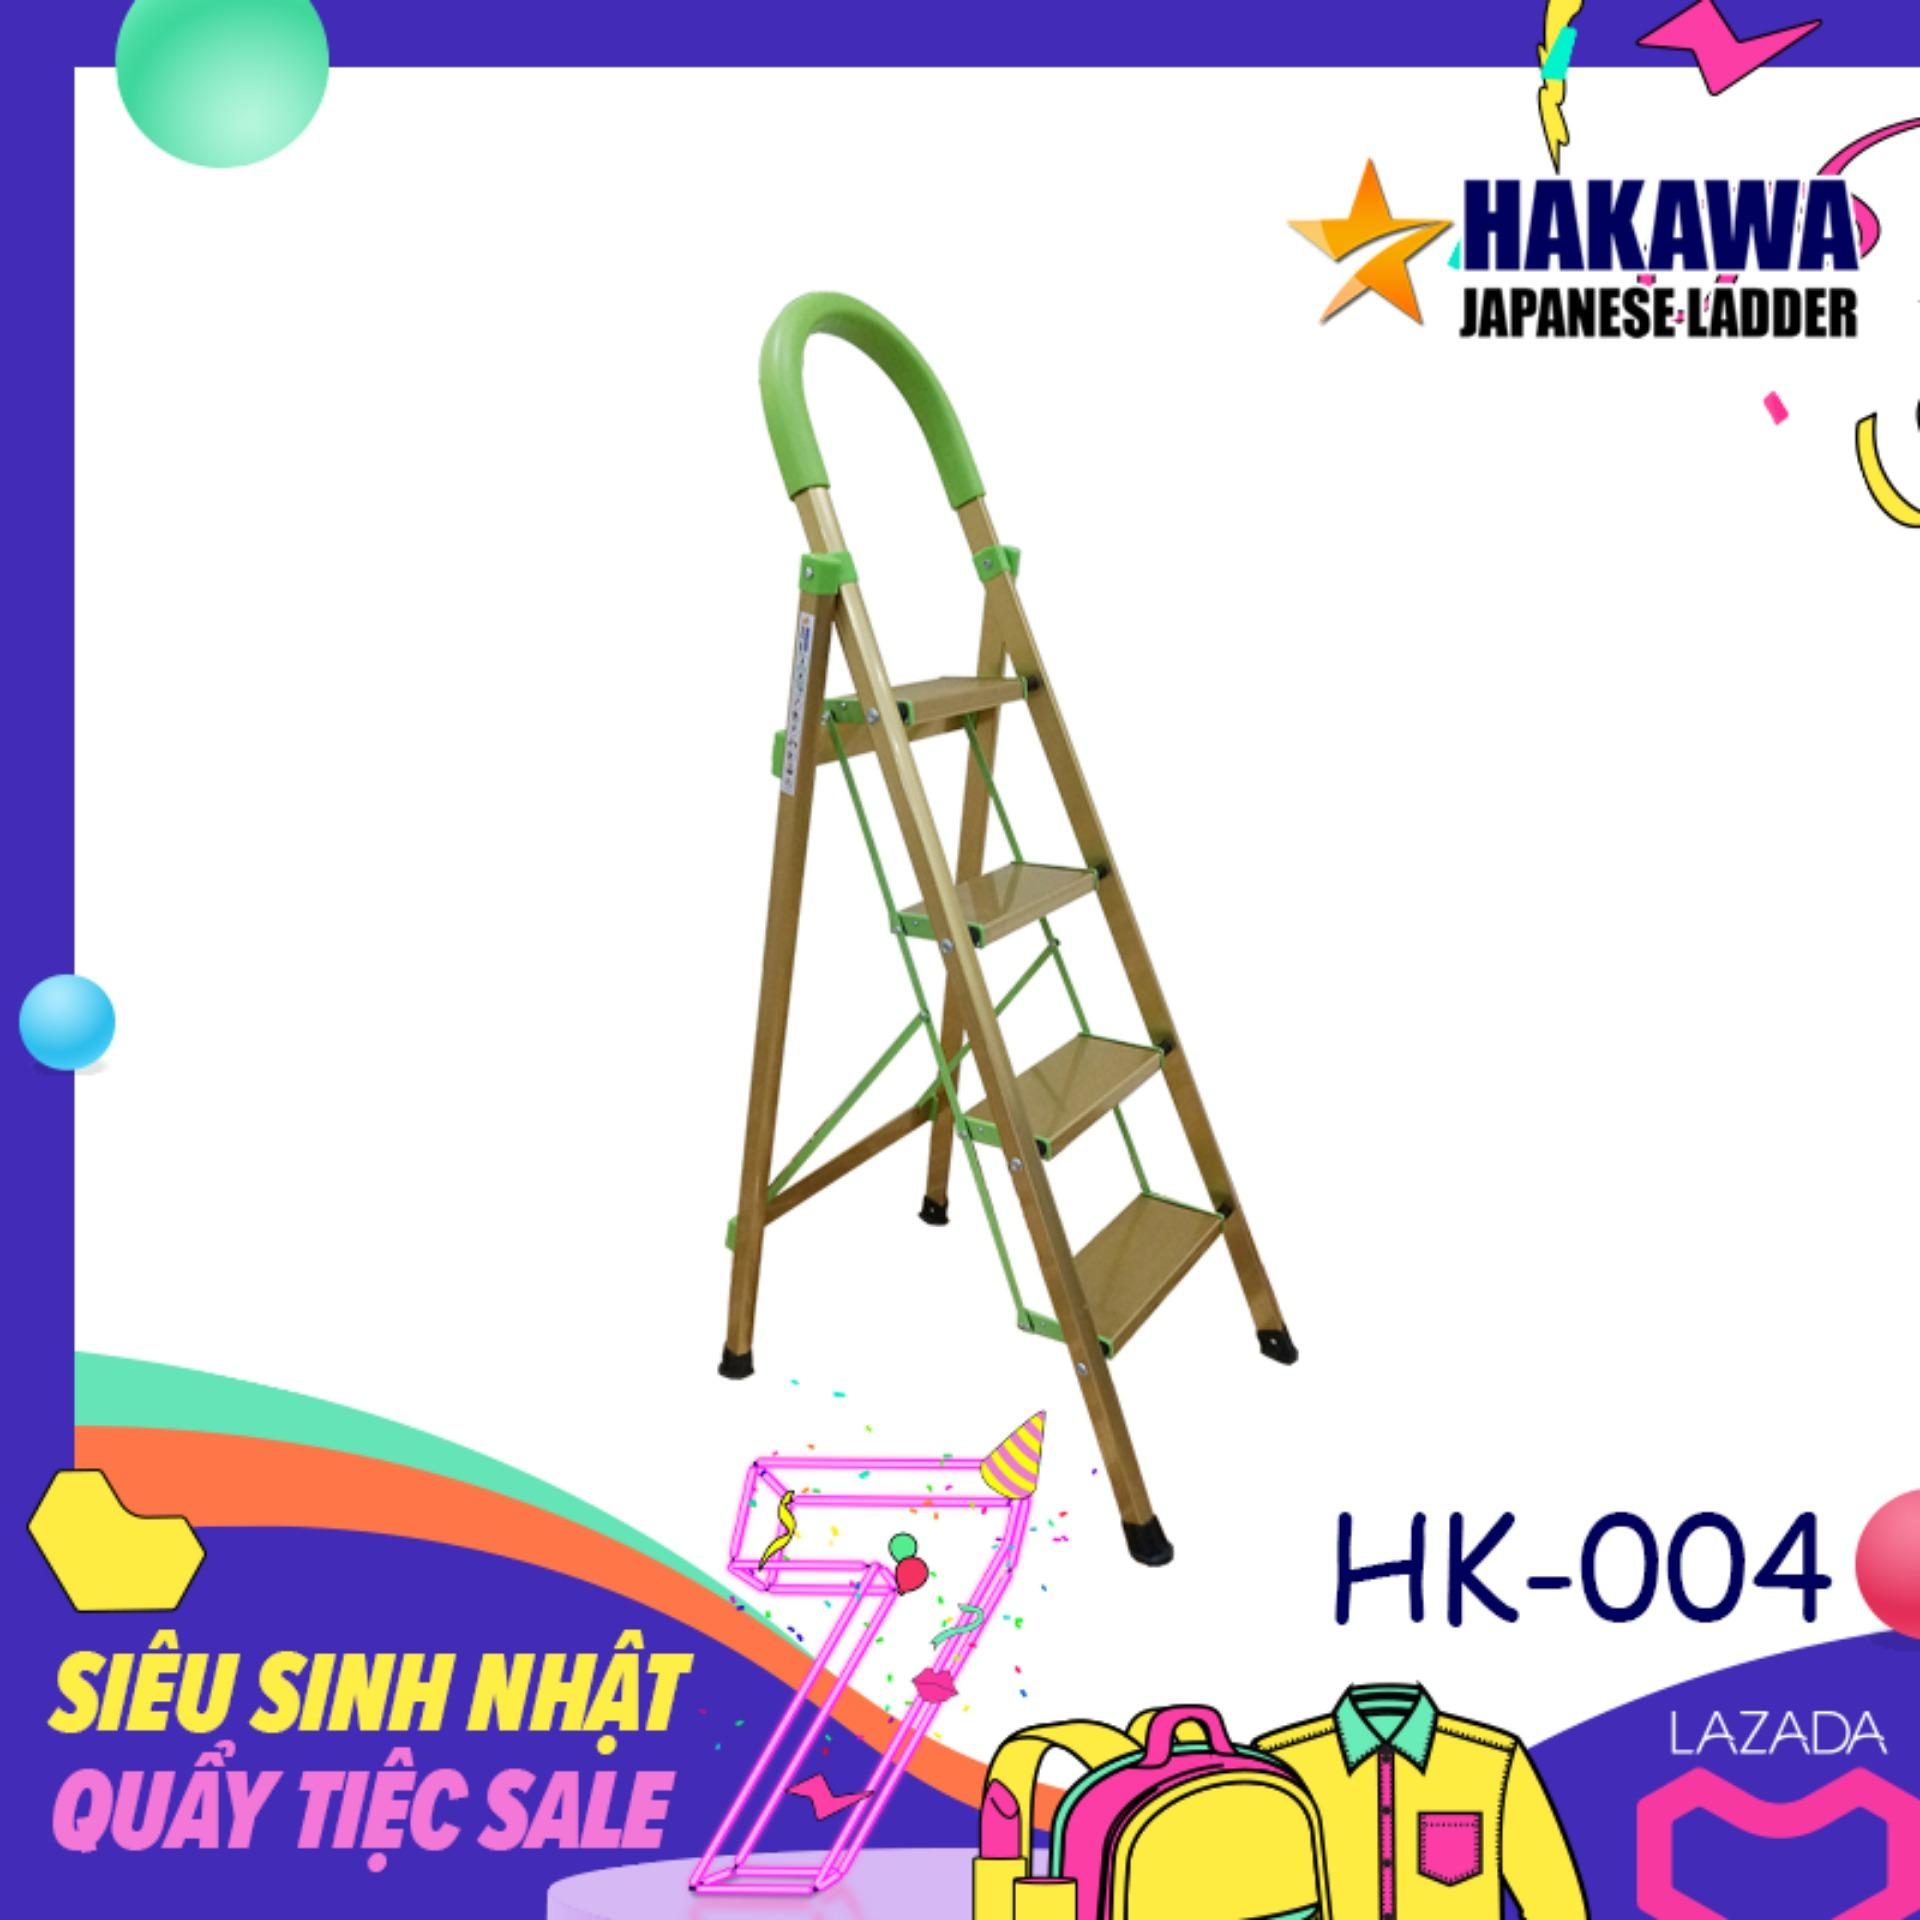 [BẢO HÀNH 2 NĂM] Thang nhom ghe HAKAWA HK004  - Chiếc thang cần thiết cho mỗi gia đình